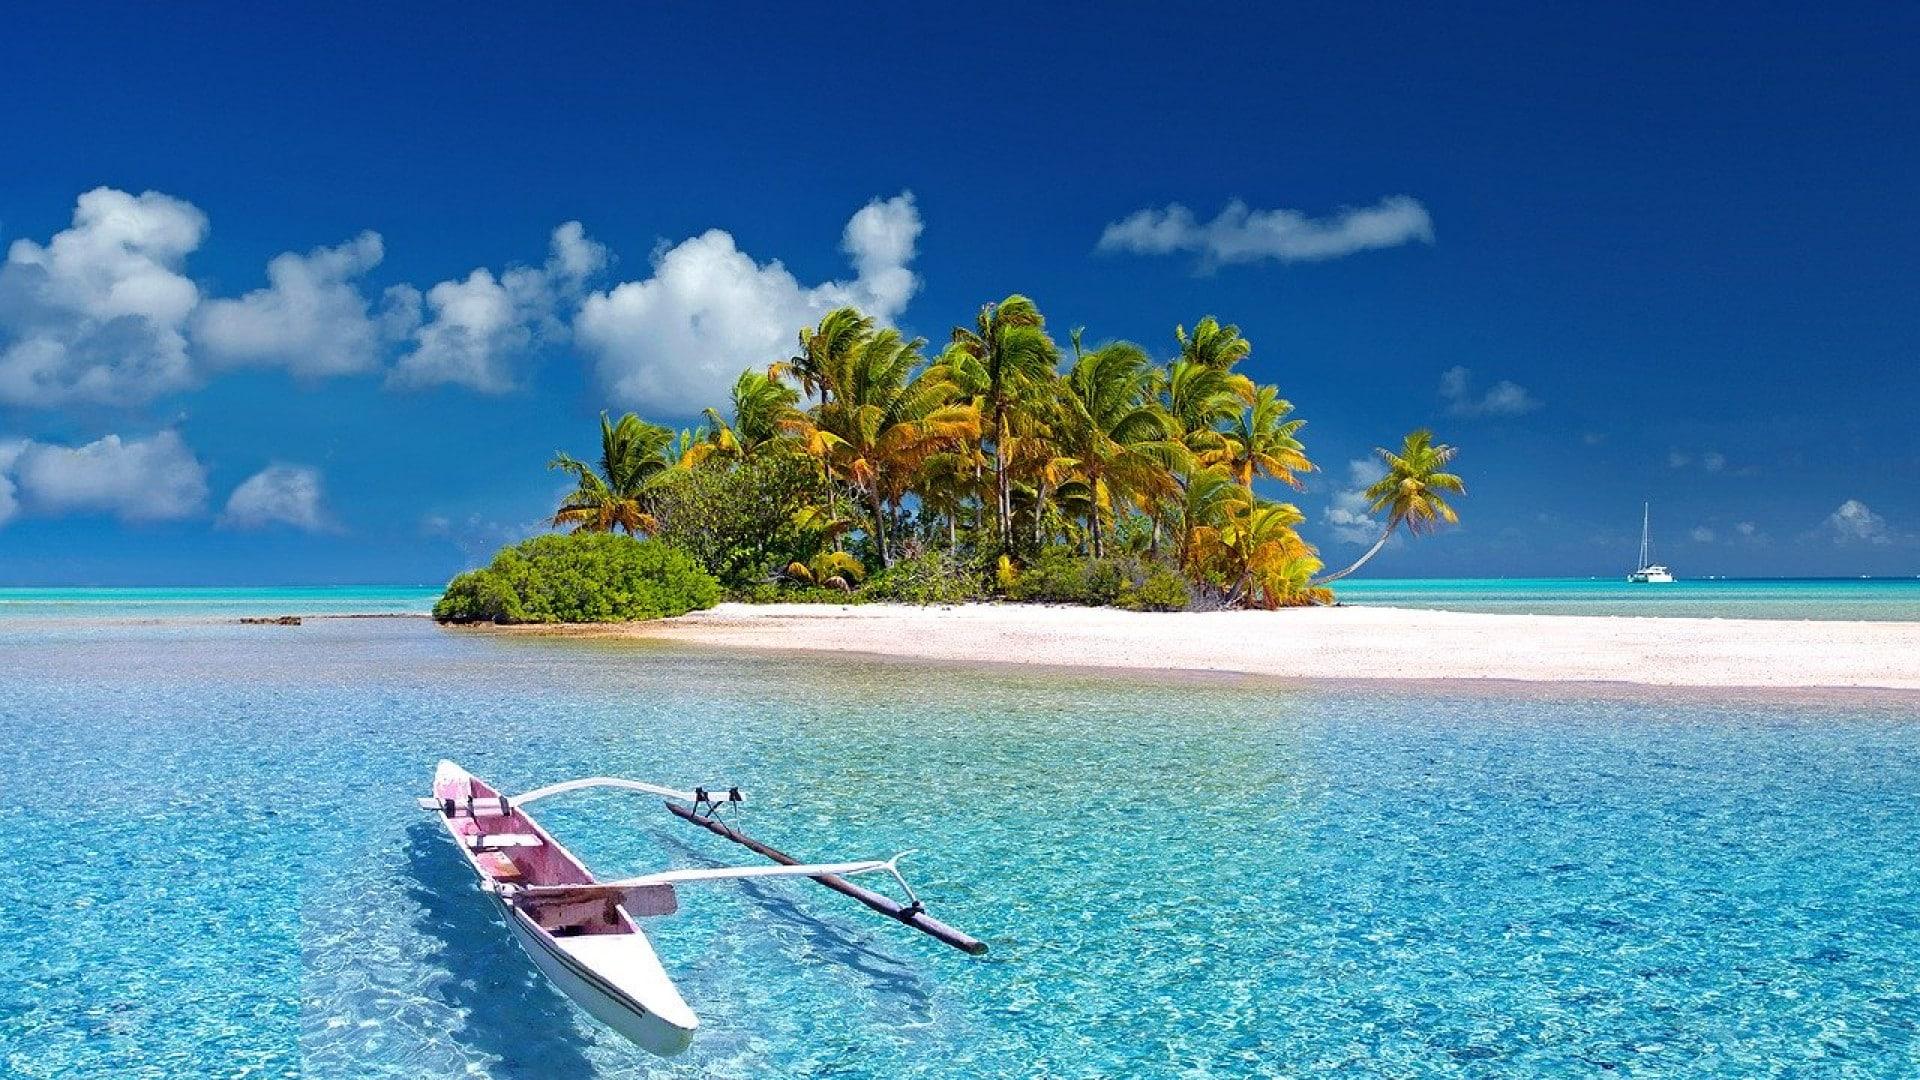 Quelle destination de vacances choisir ?